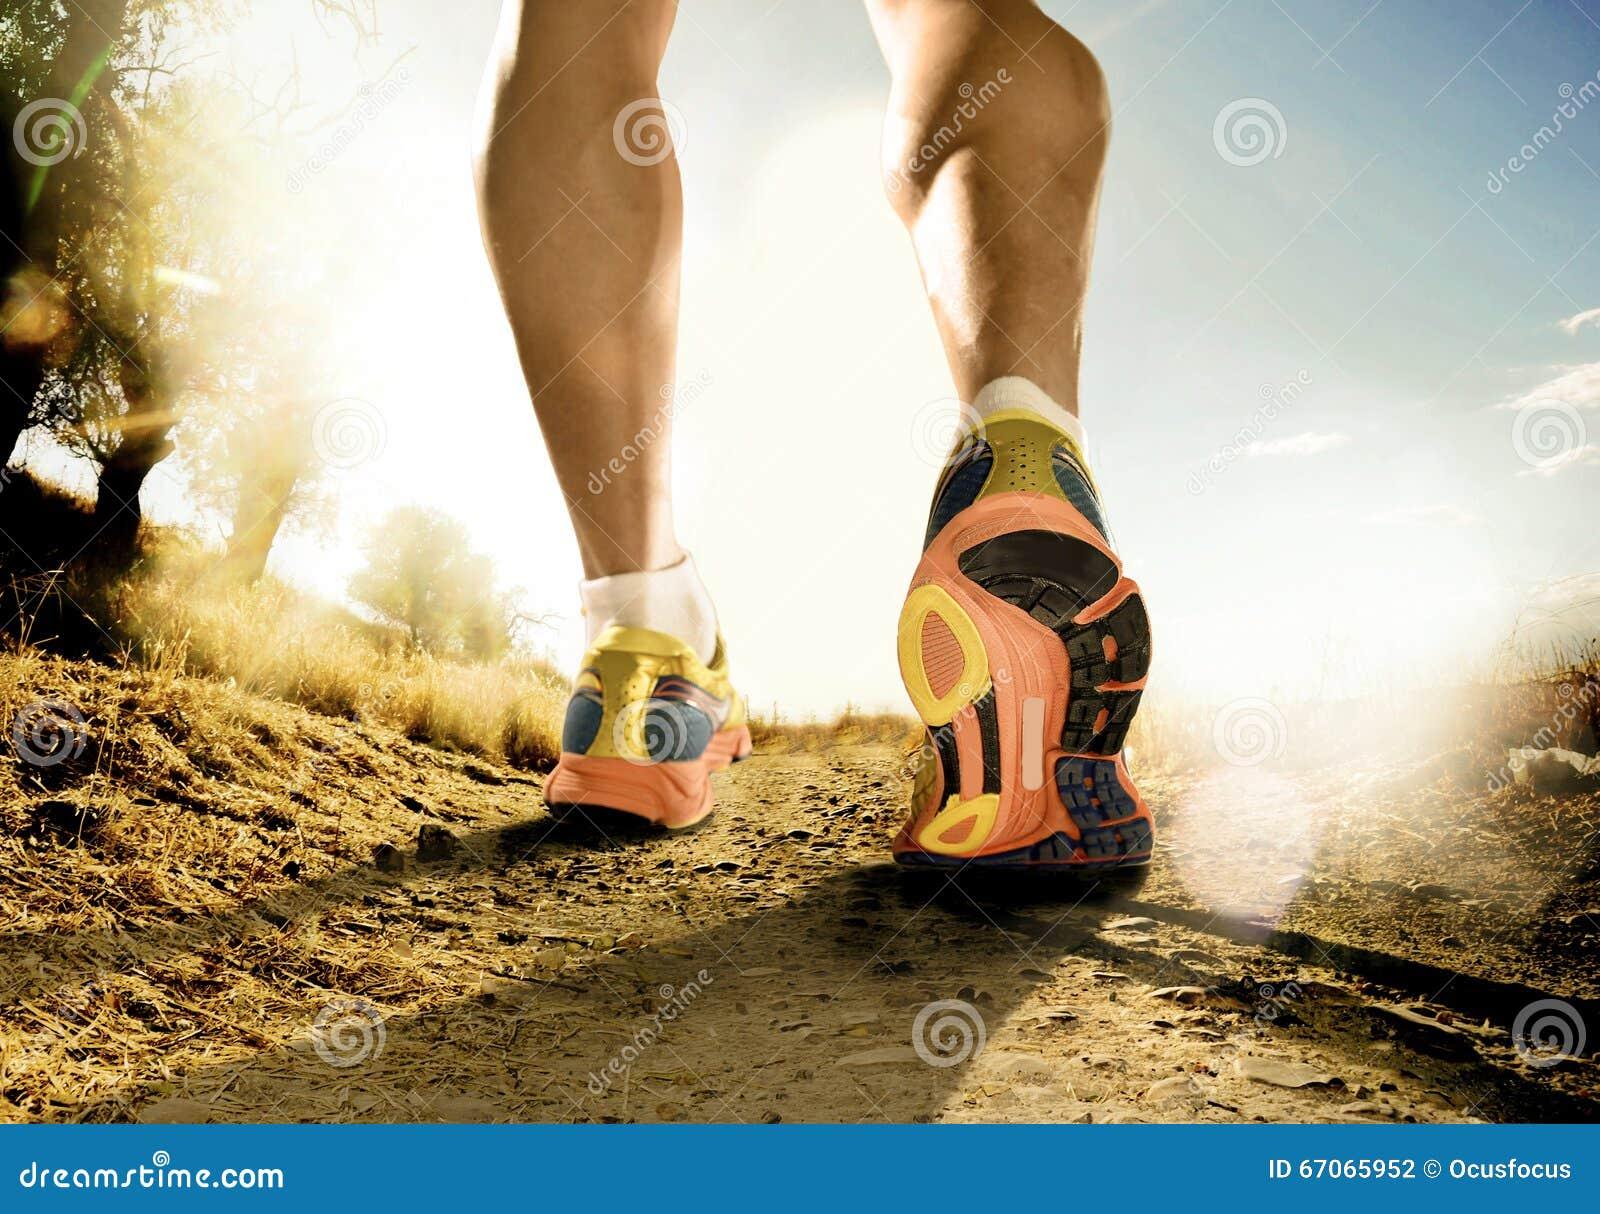 Le forti gambe e scarpe dello sport equipaggiano pareggiare nell allenamento di addestramento di forma fisica fuori dalla strada